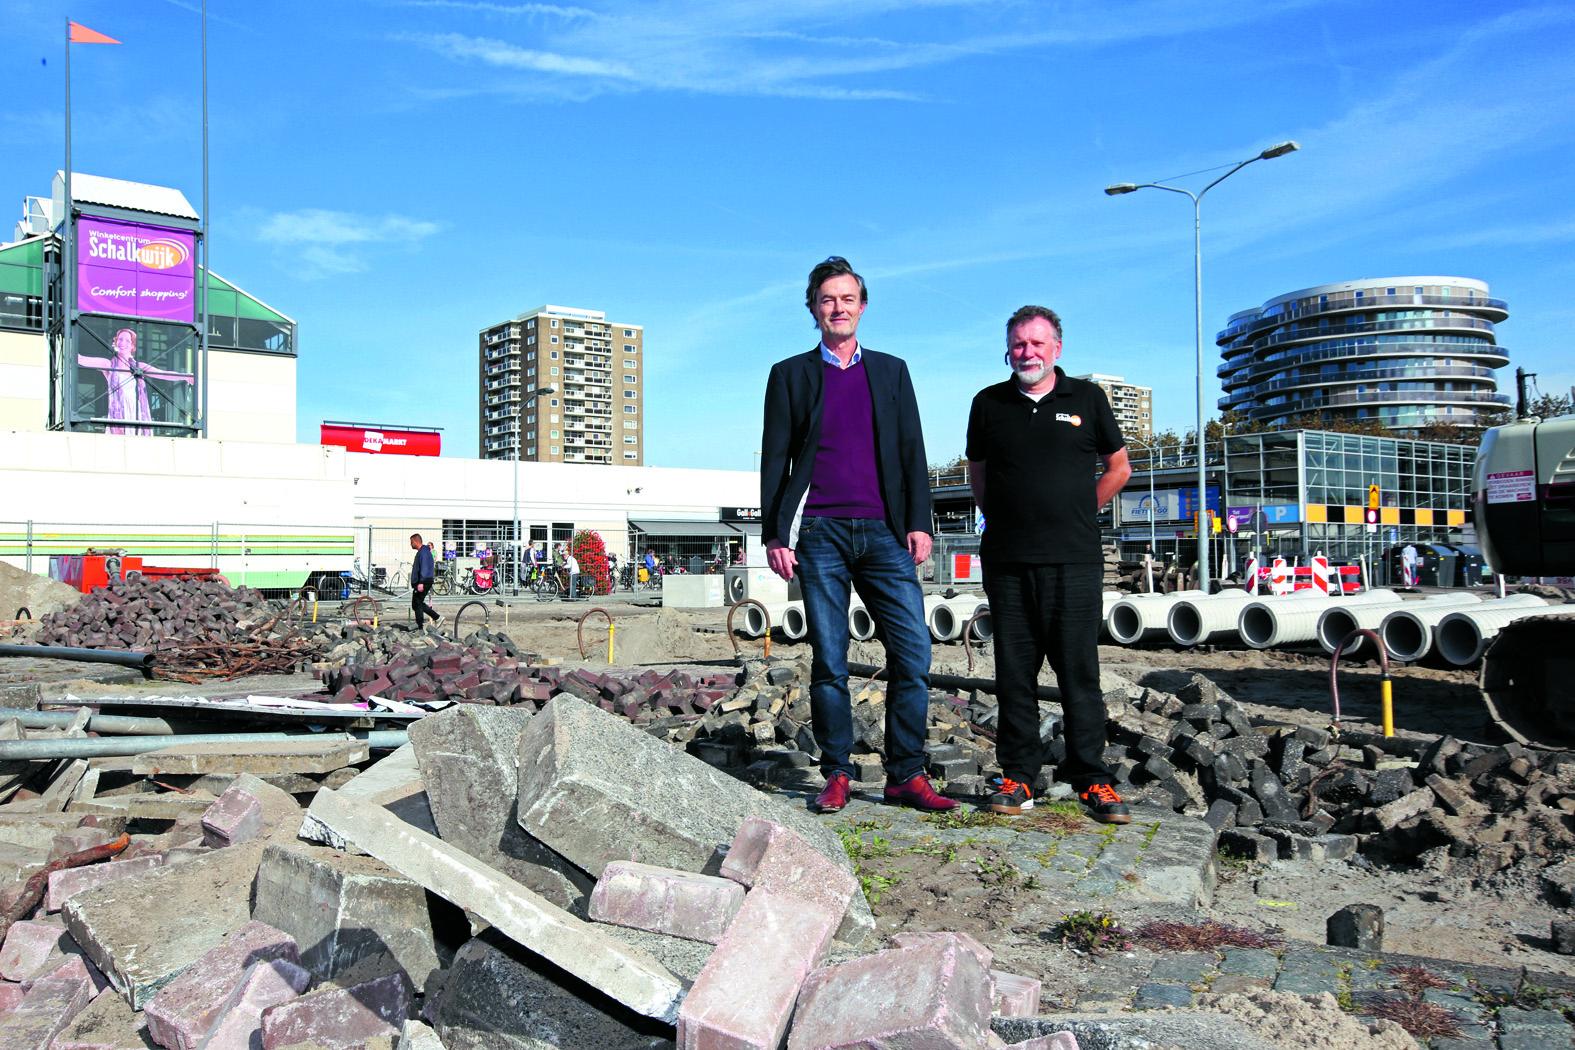 Helmich Weidema (voorzitter van de VVE Winkelcentrum Schalkwijk, links) en Gerard Zwier (winkelcentrummanager) staan op de nabije toekomst van Winkelcentrum Schalkwijk (Foto: Rowin van Diest)